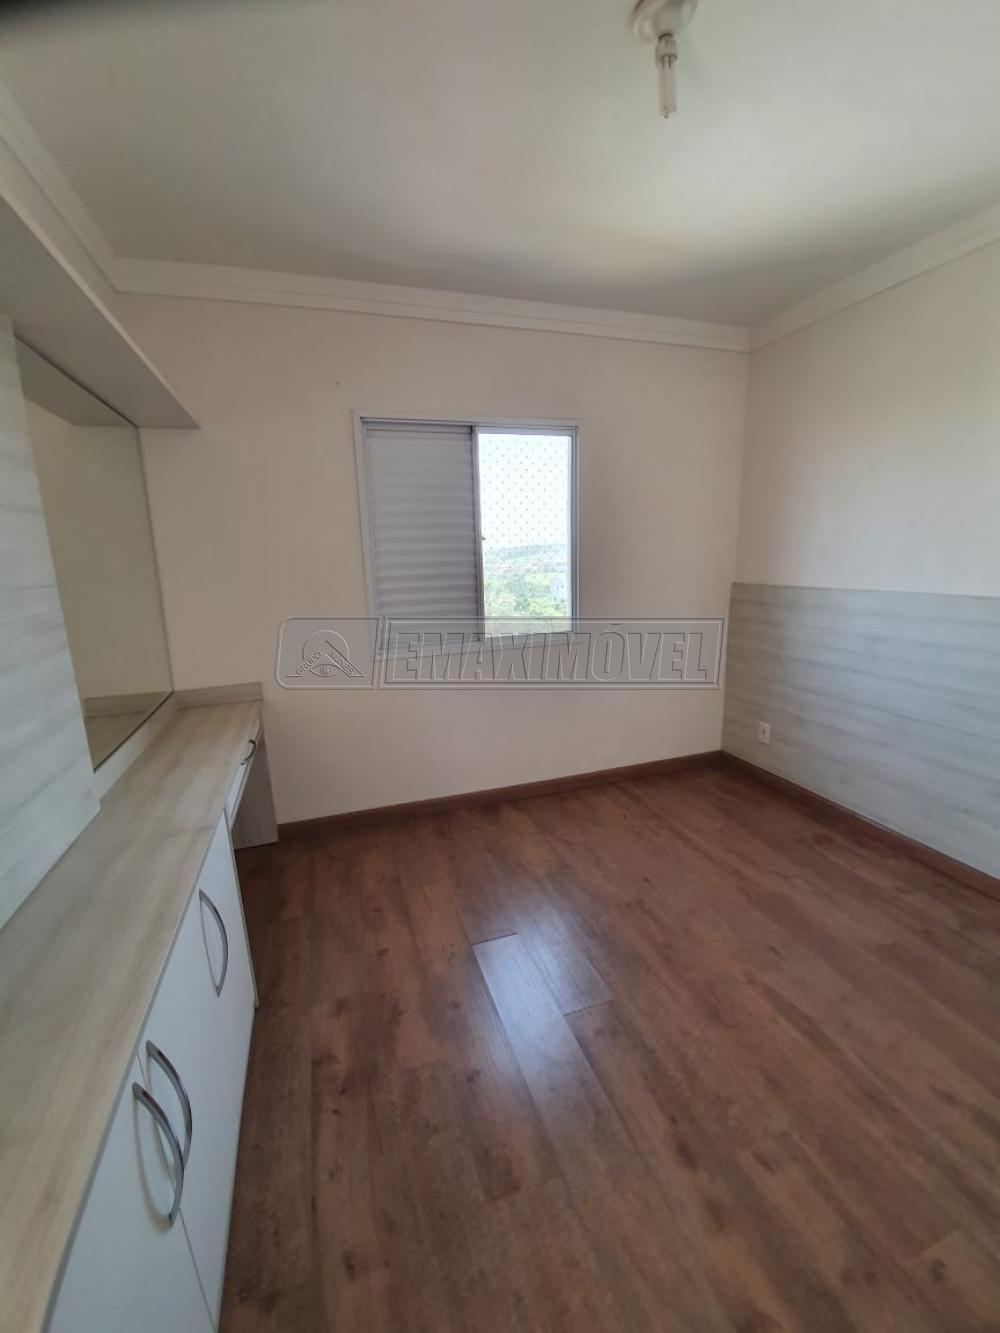 Comprar Apartamento / Padrão em Sorocaba R$ 162.000,00 - Foto 8